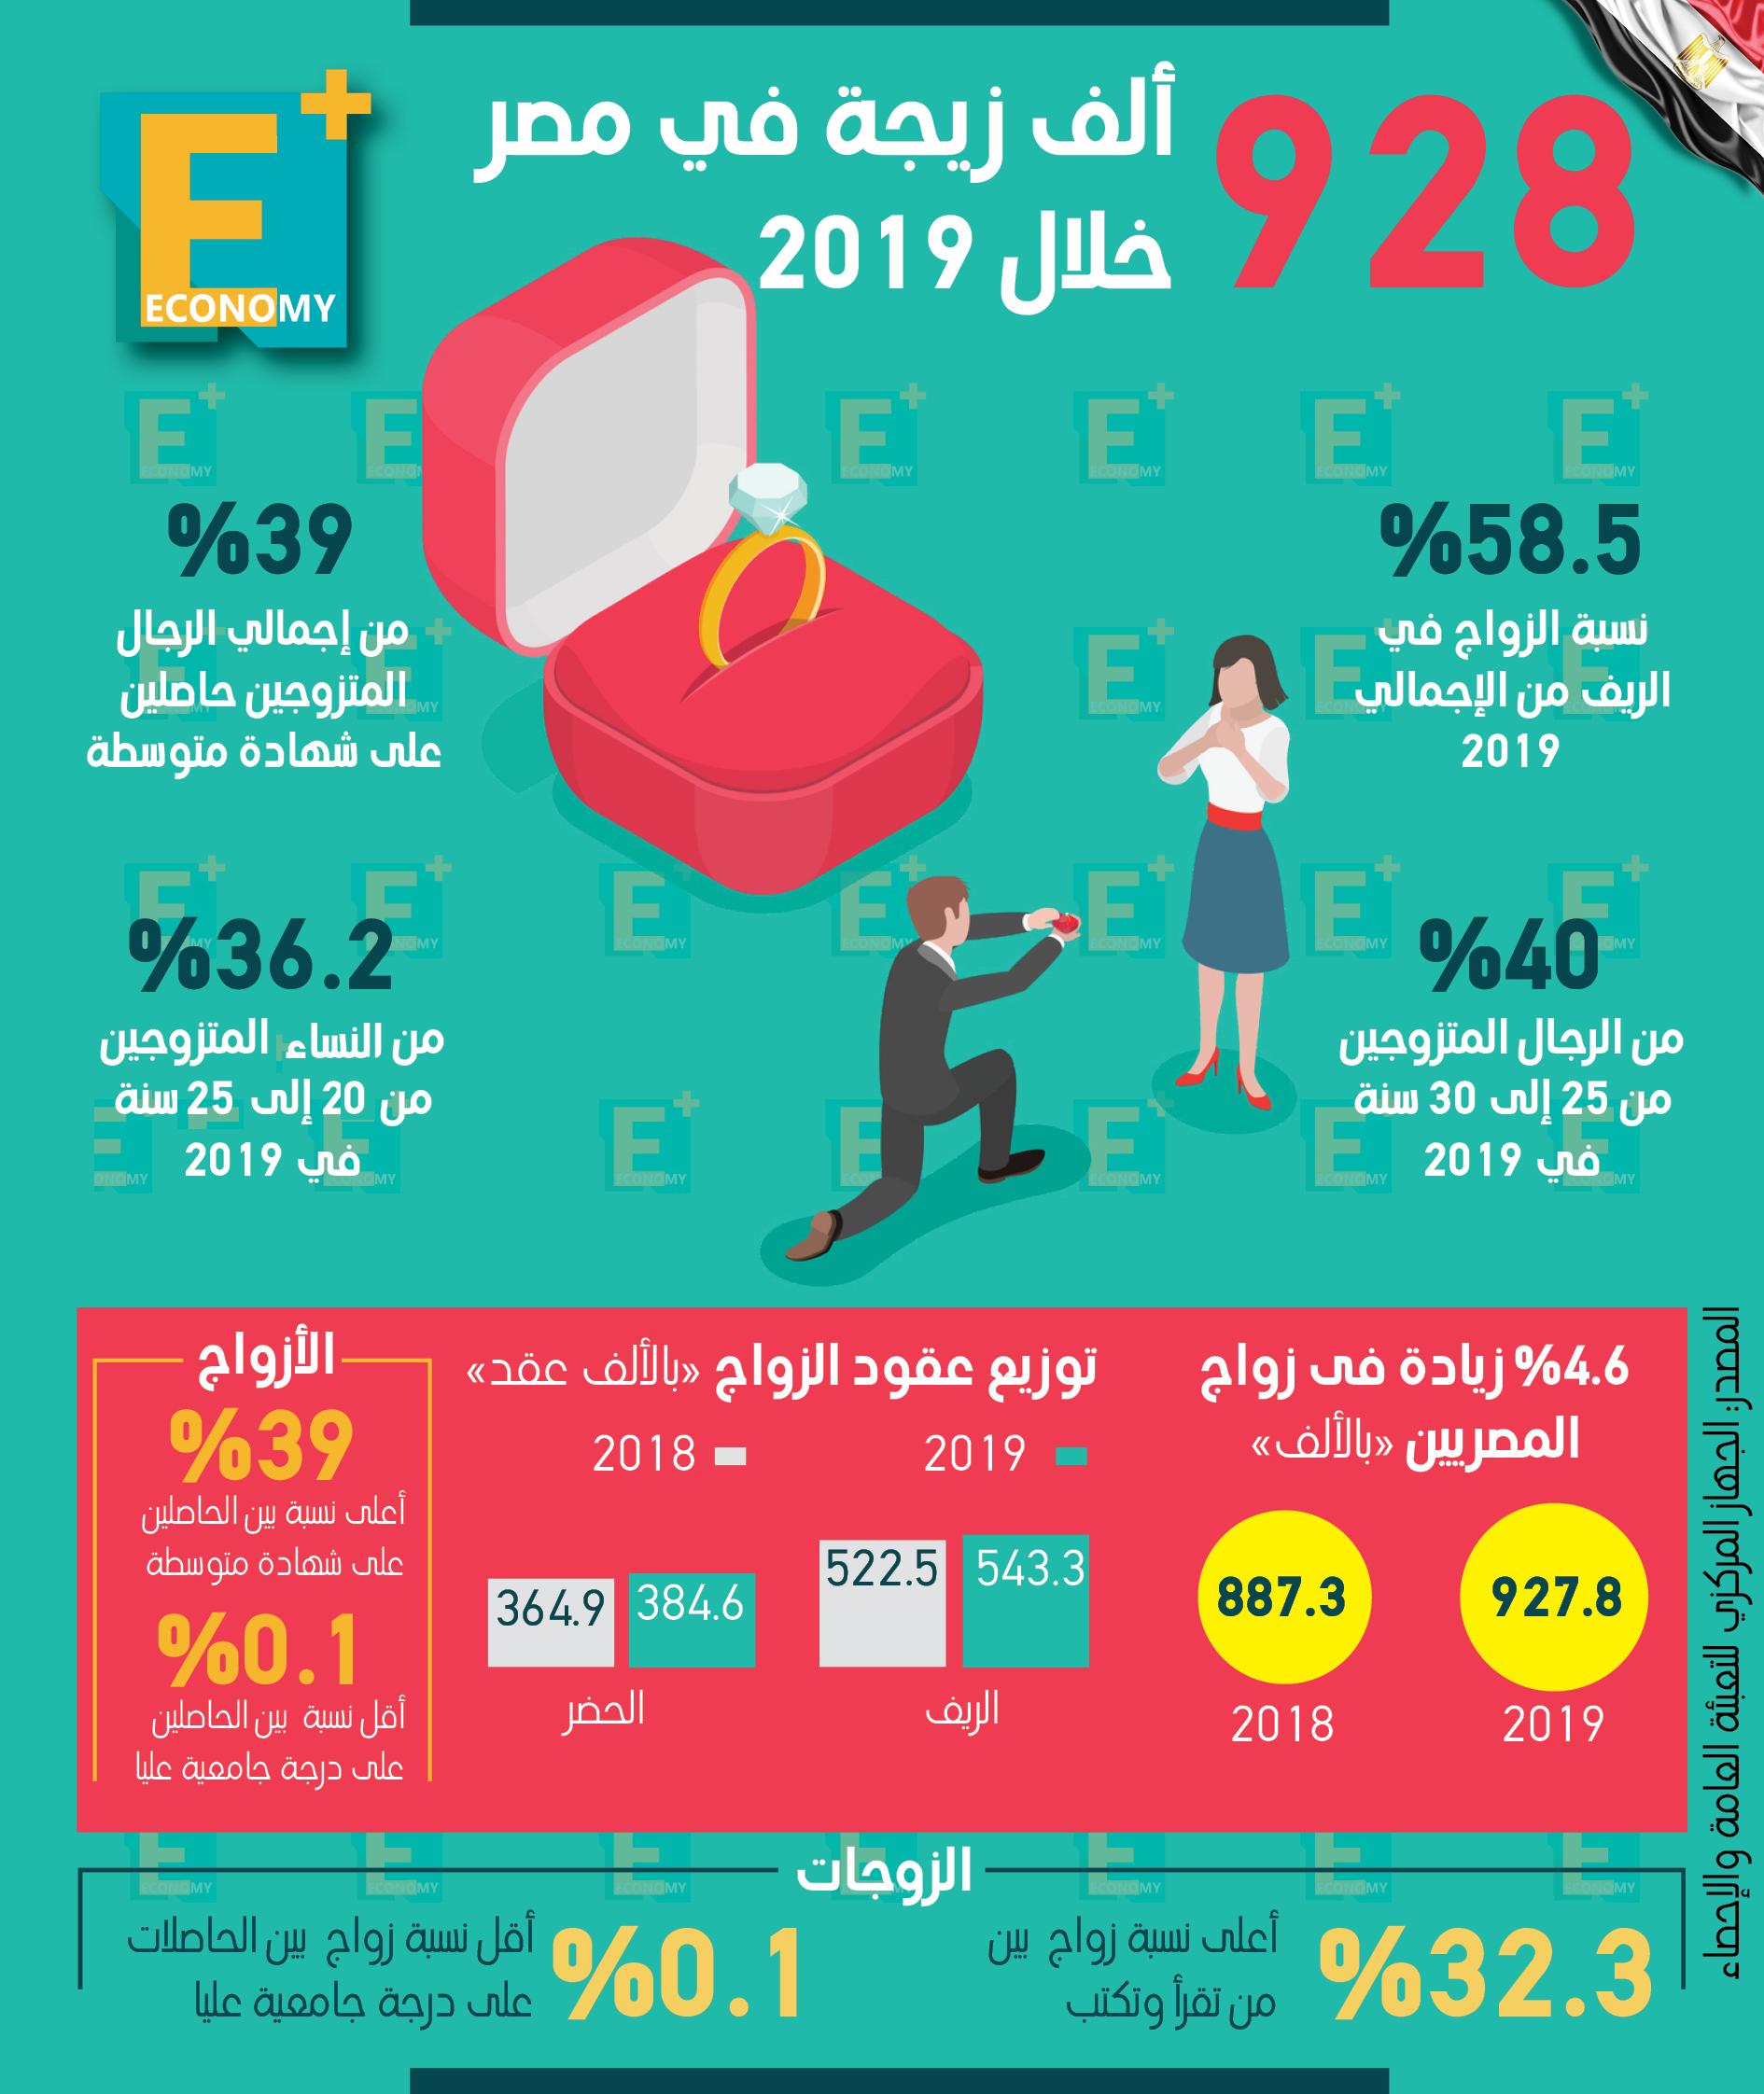 928 ألف زيجة في مصر خلال 2019